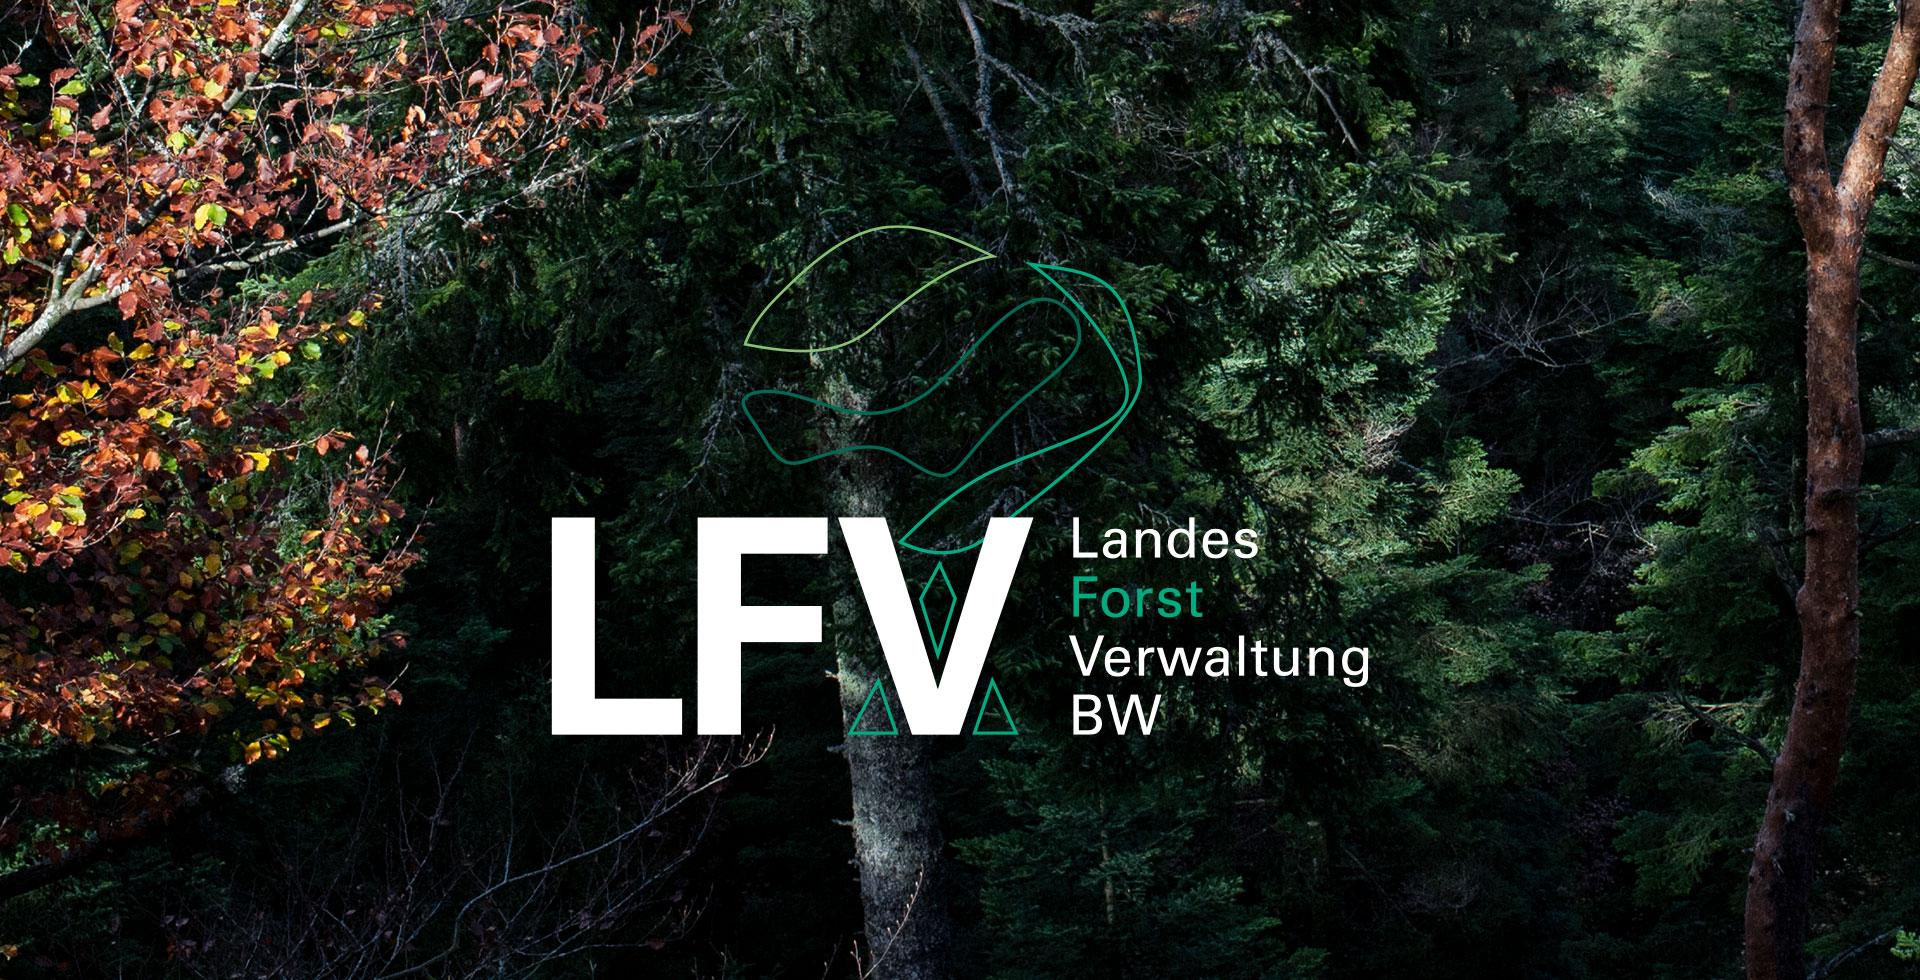 Landesforst Verwaltung BW - Logoentwicklung